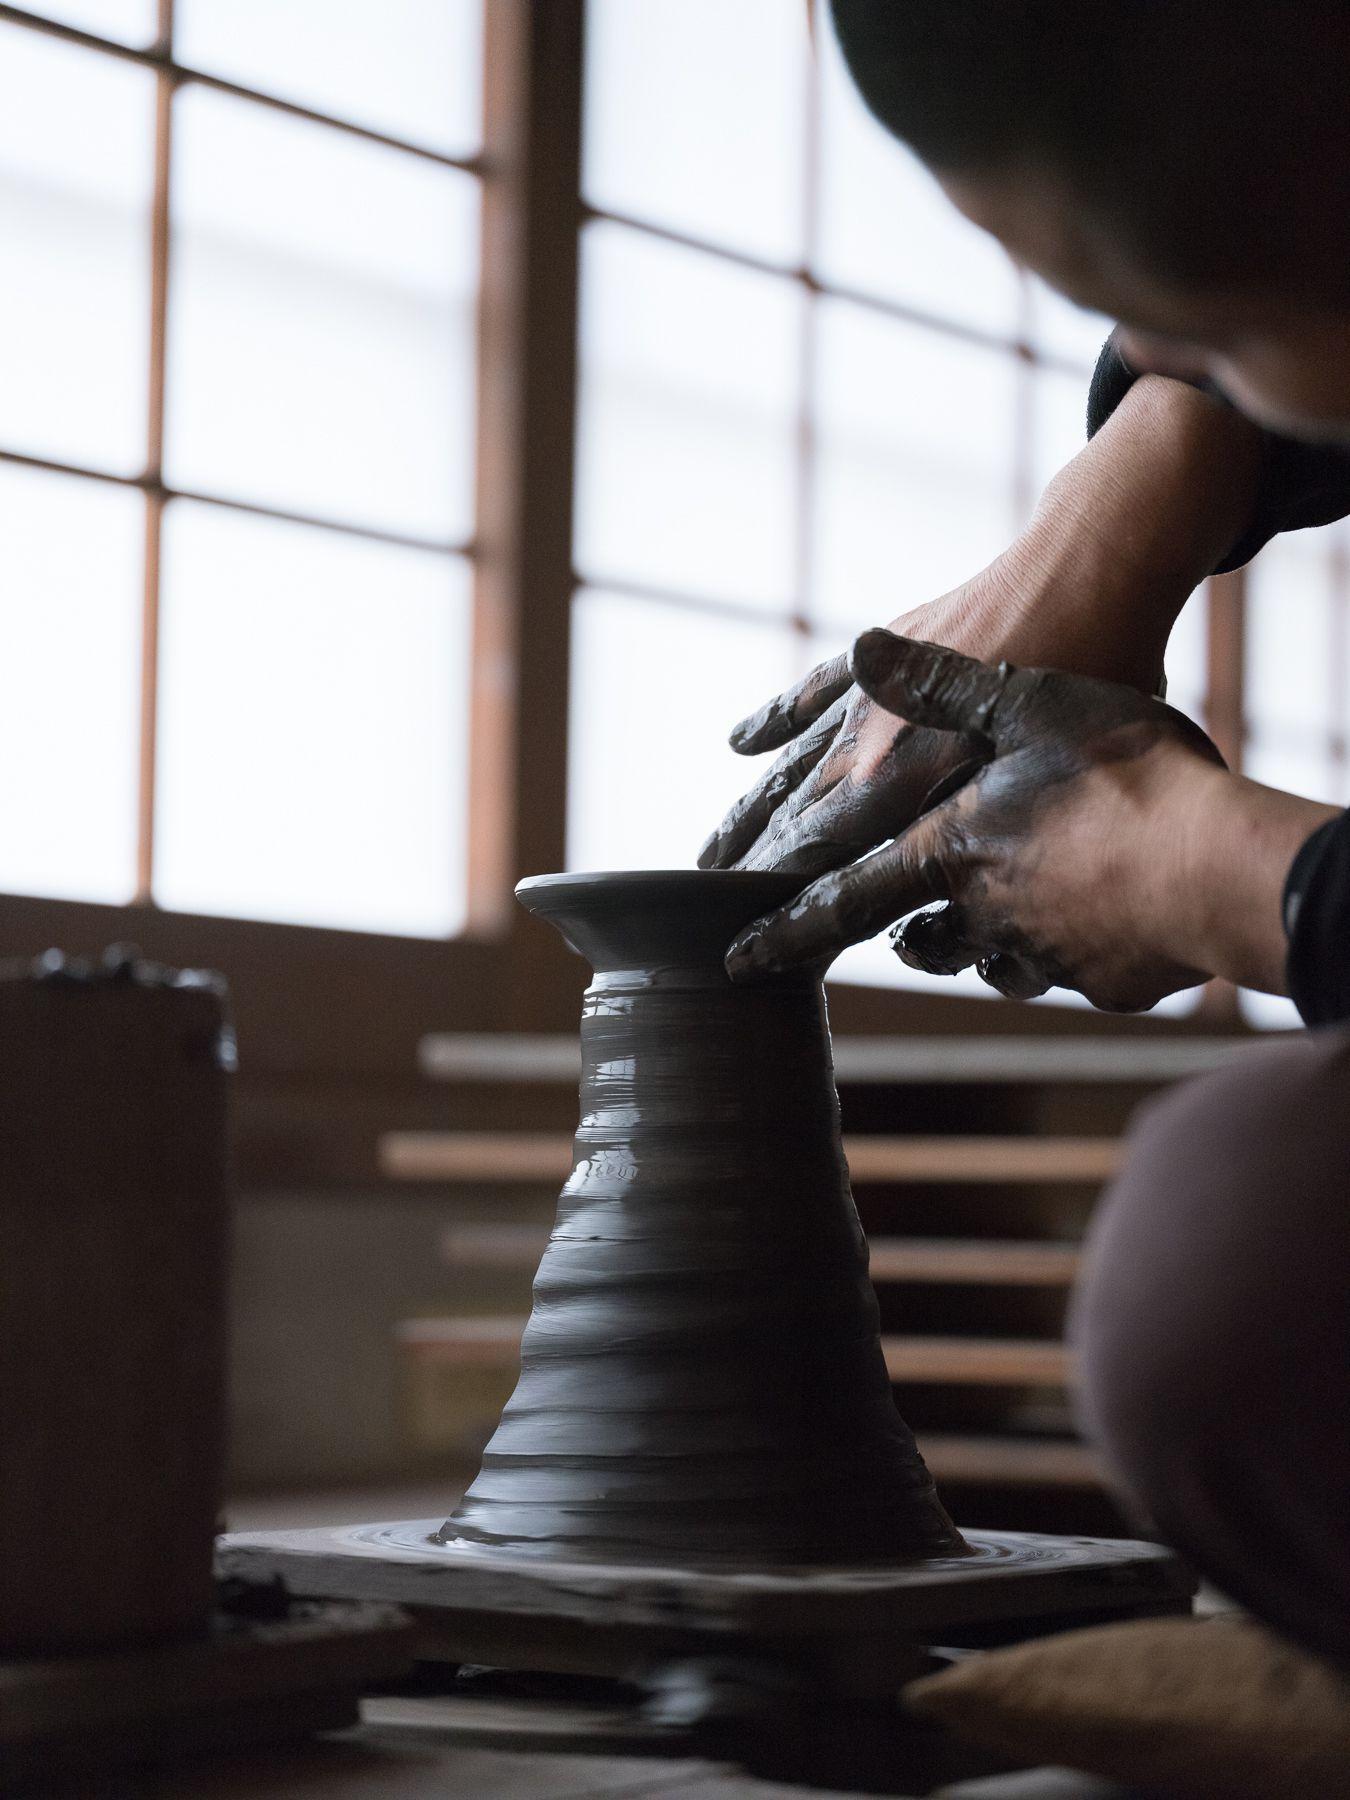 一陽窯、木村肇の水挽き。主に、「ひよせ」と呼ばれる滑らかな田土を用いる。Photography Shinpei Kato